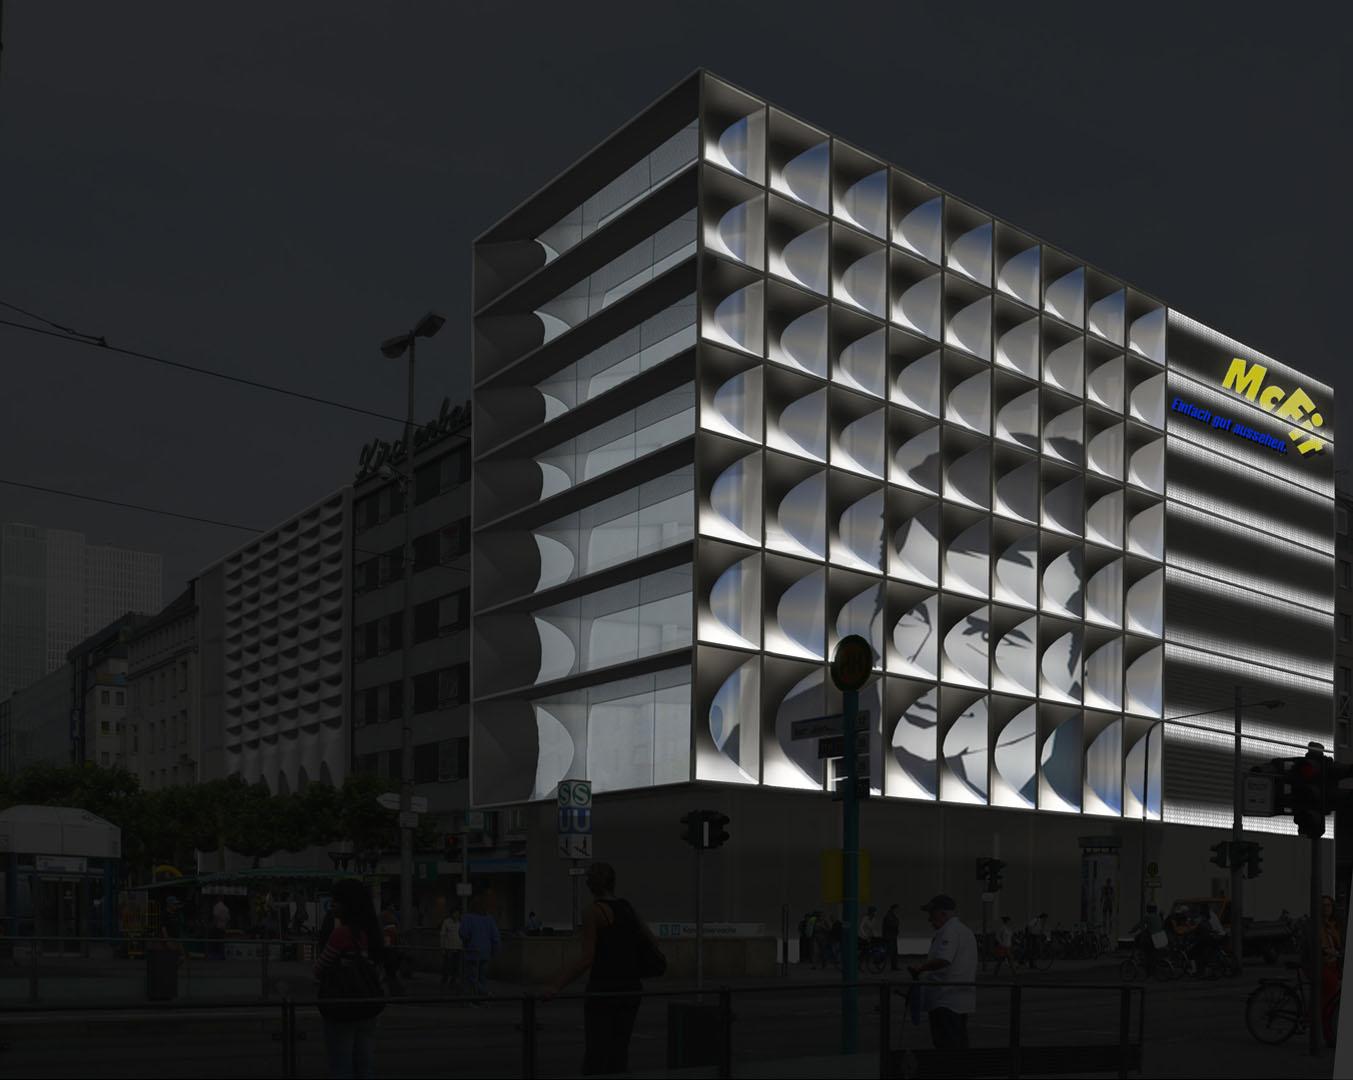 MAASS-Lichtplanung_Fassadenbeleuchtungskonzept für Frankfurter Geschäftshaus__MAASS-Zeil-002